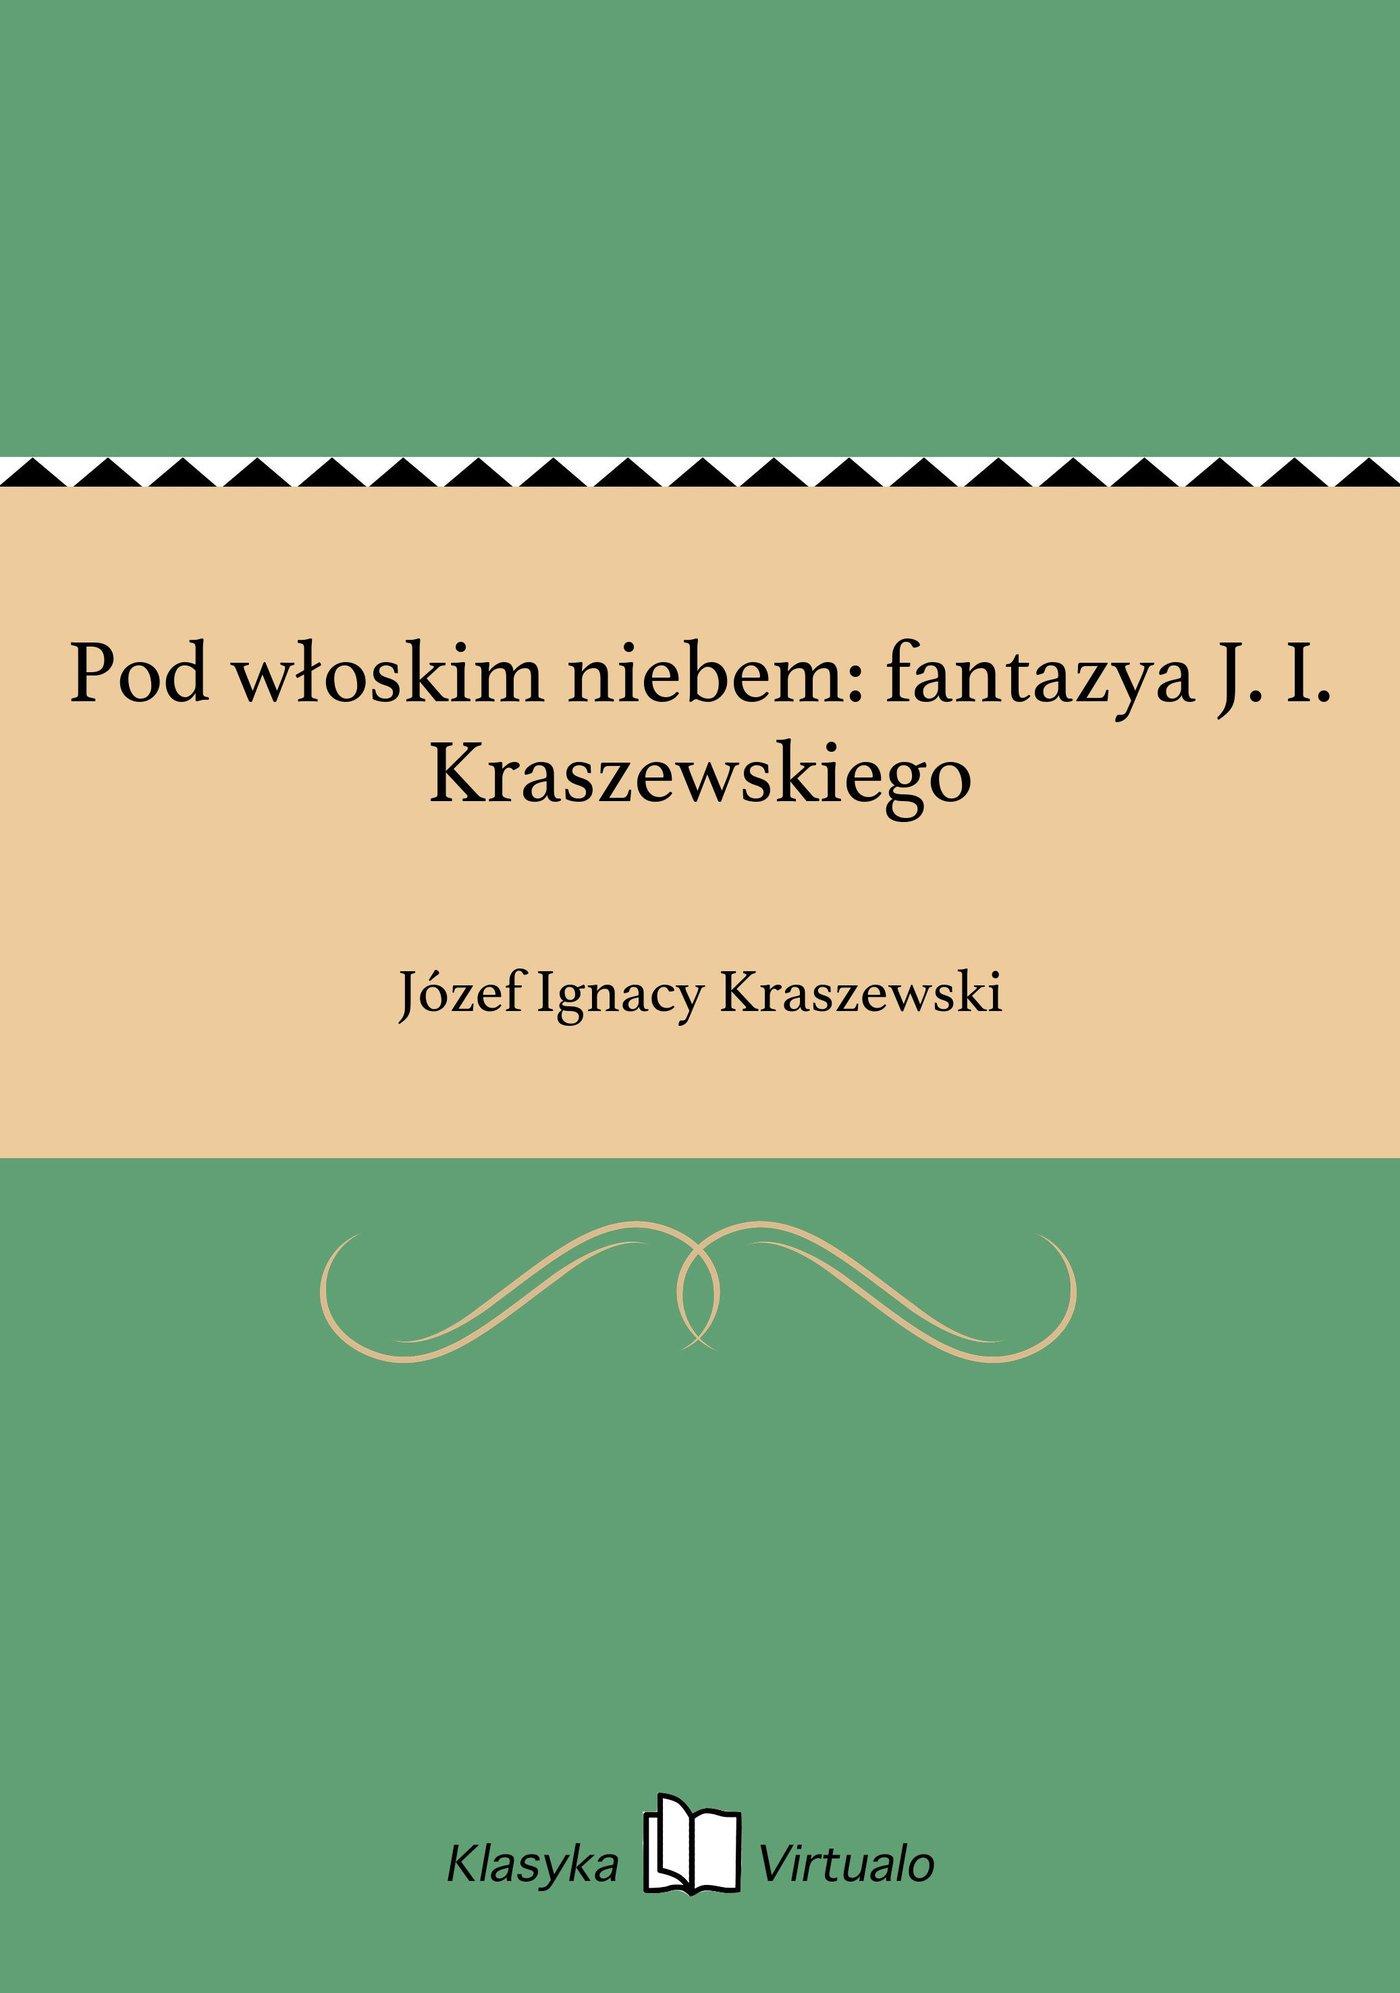 Pod włoskim niebem: fantazya J. I. Kraszewskiego - Ebook (Książka EPUB) do pobrania w formacie EPUB